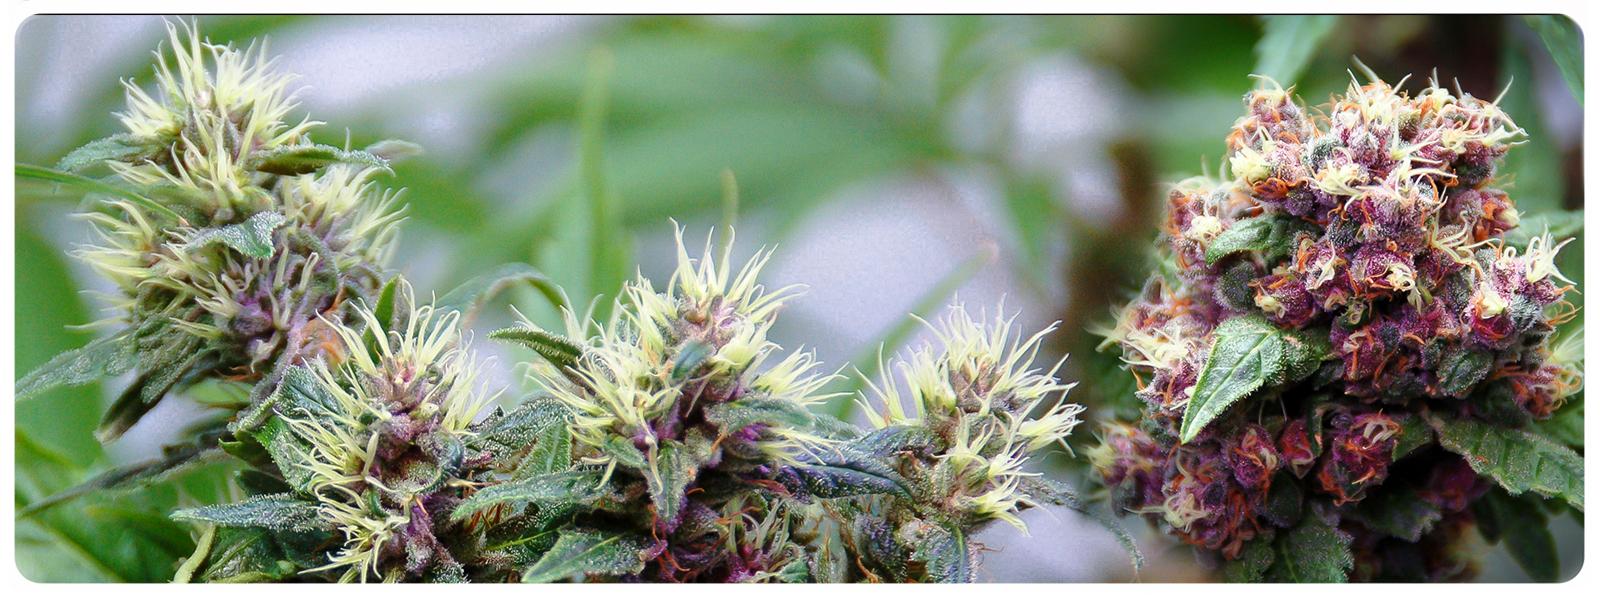 Killingfields reguliere cannabis zaden voor wie op zoek is naar speciale planten of oldschool genetica om die ene speciale plant te vinden